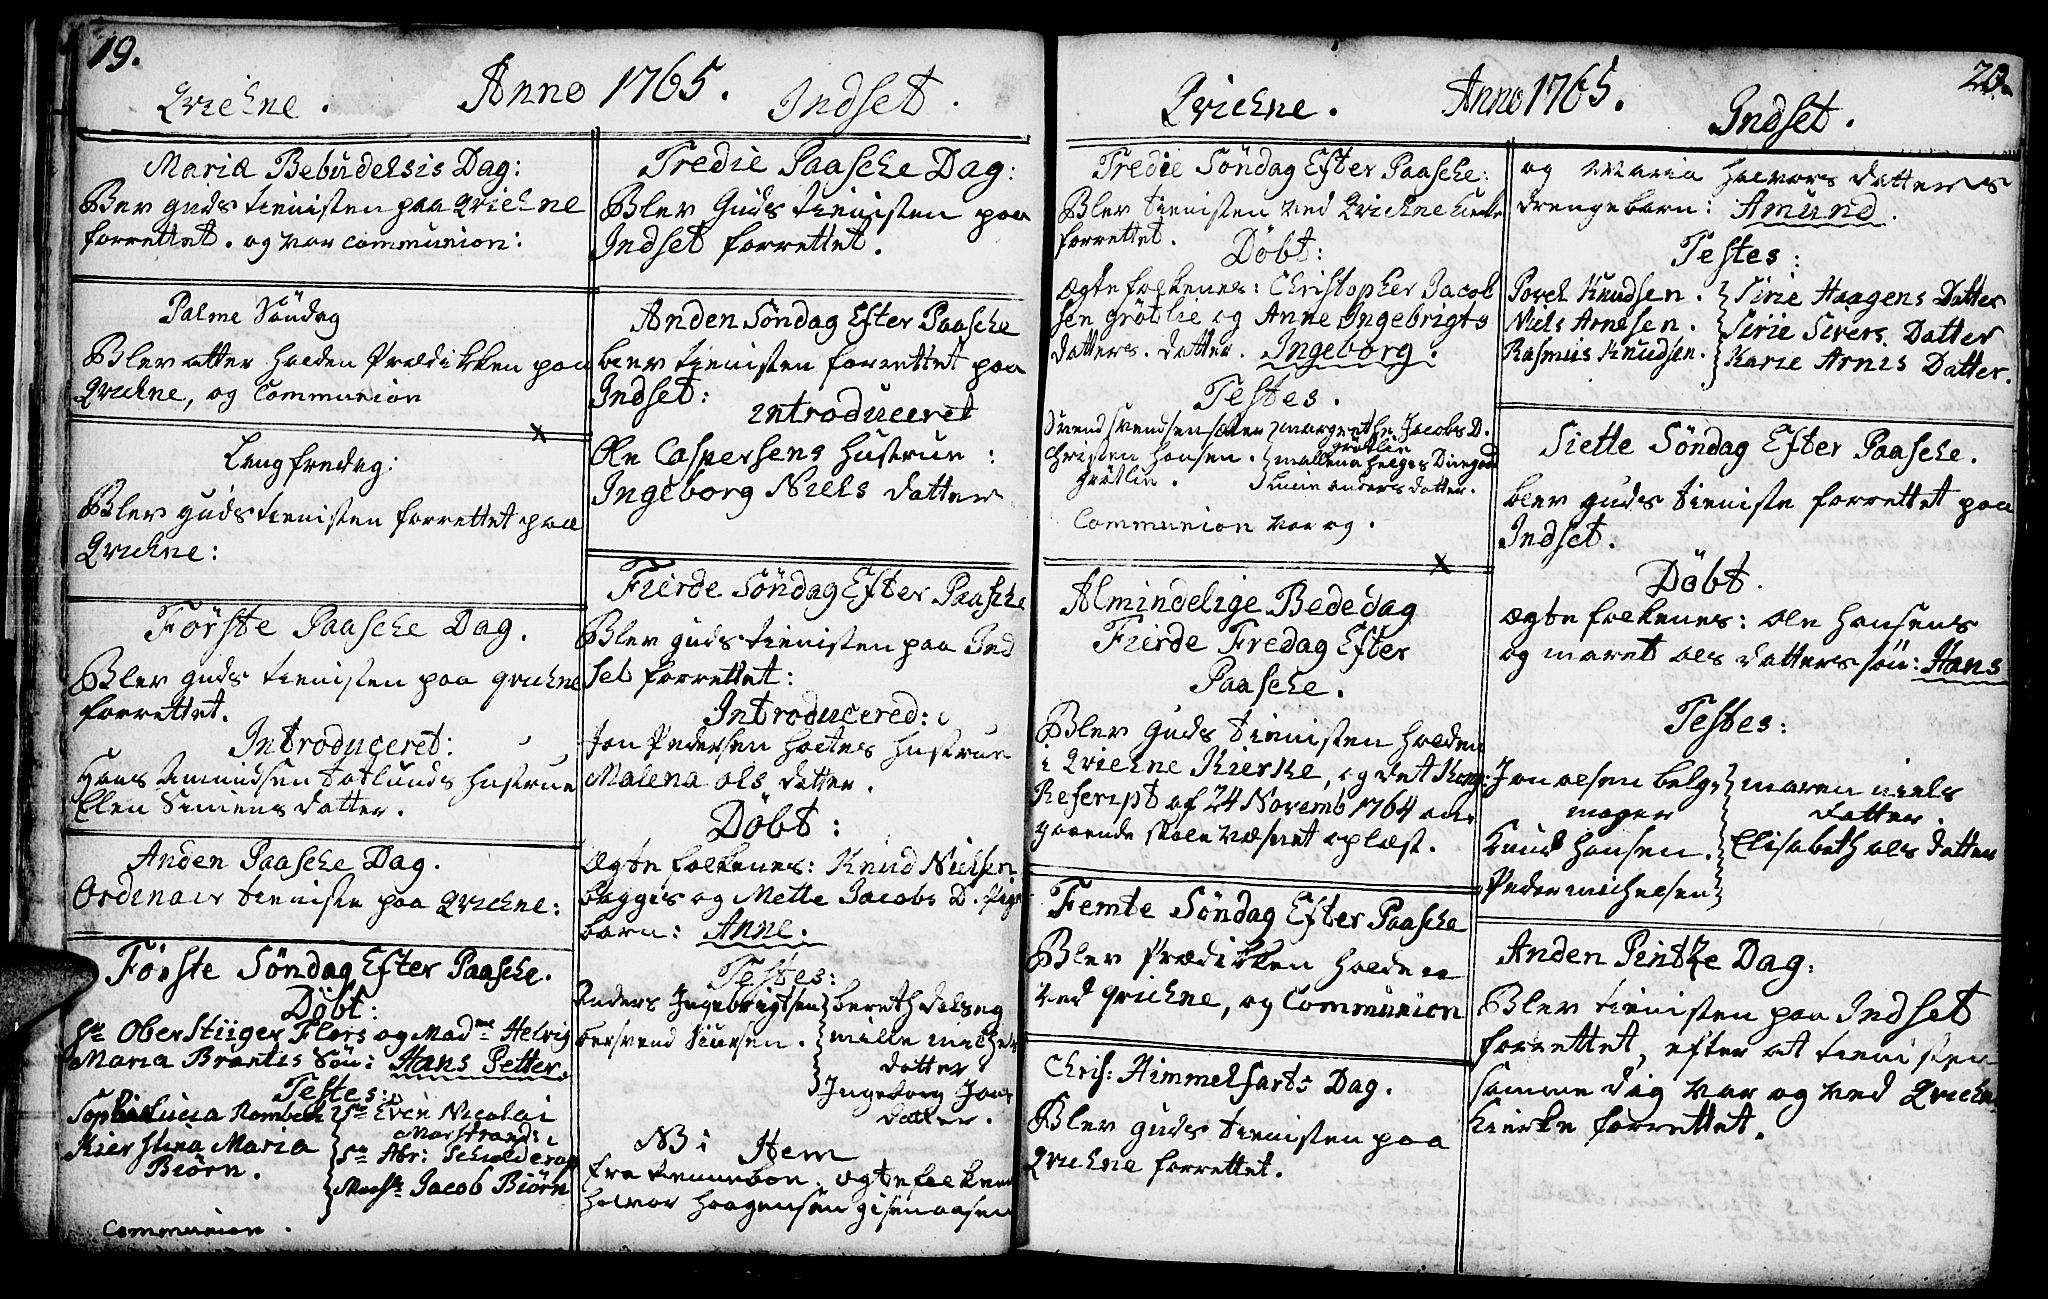 SAH, Kvikne prestekontor, Parish register (official) no. 2, 1764-1784, p. 19-20